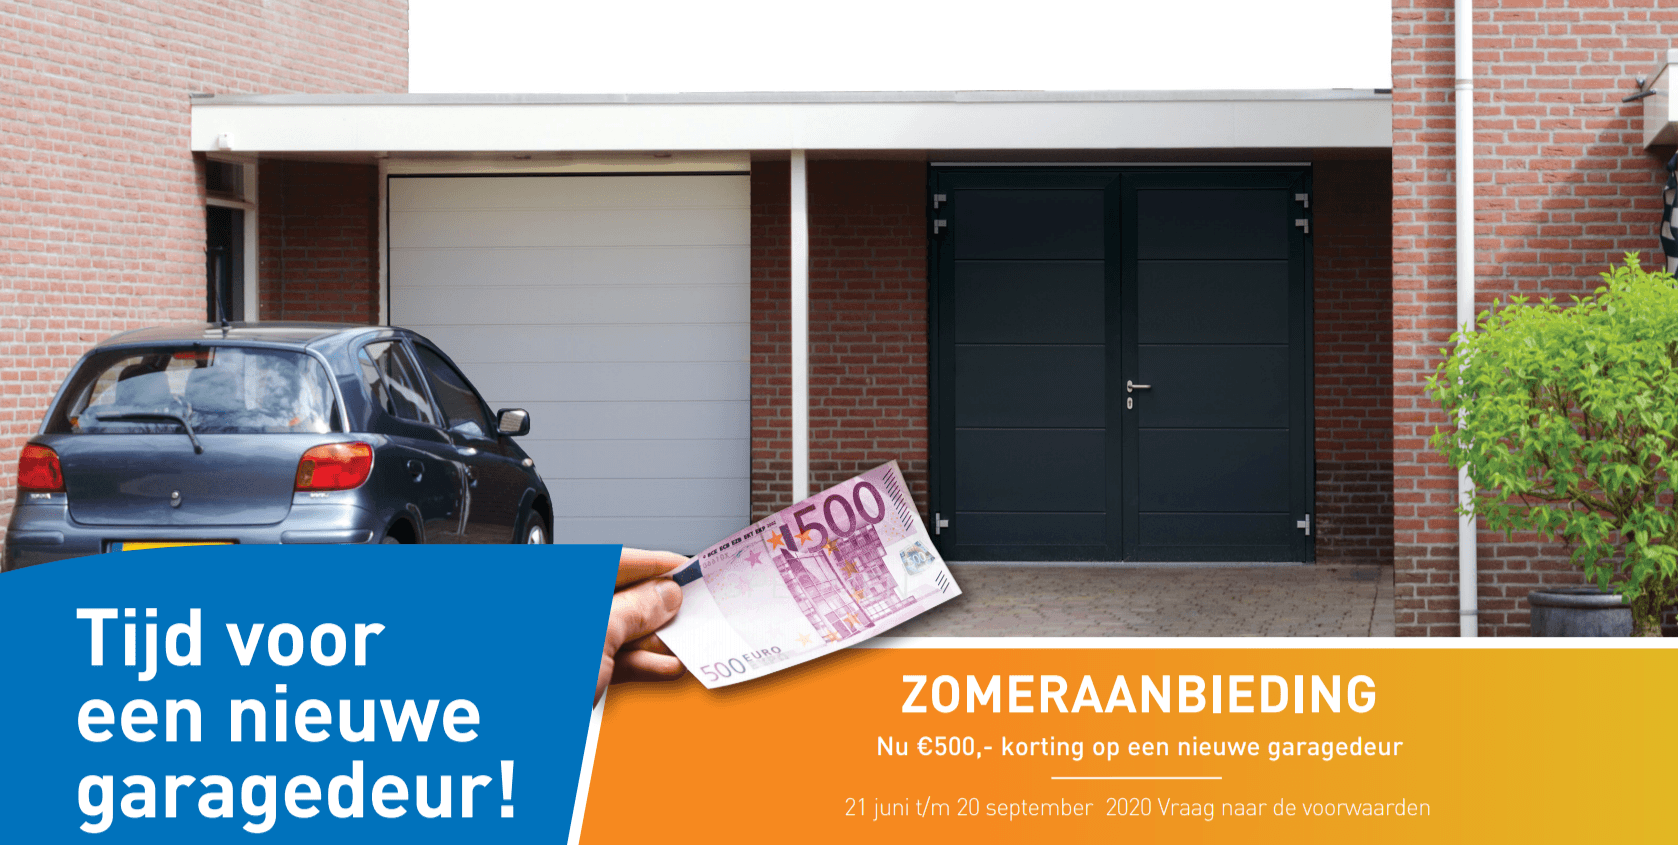 Zomeraanbieding: €500 korting op nieuwe garagedeur